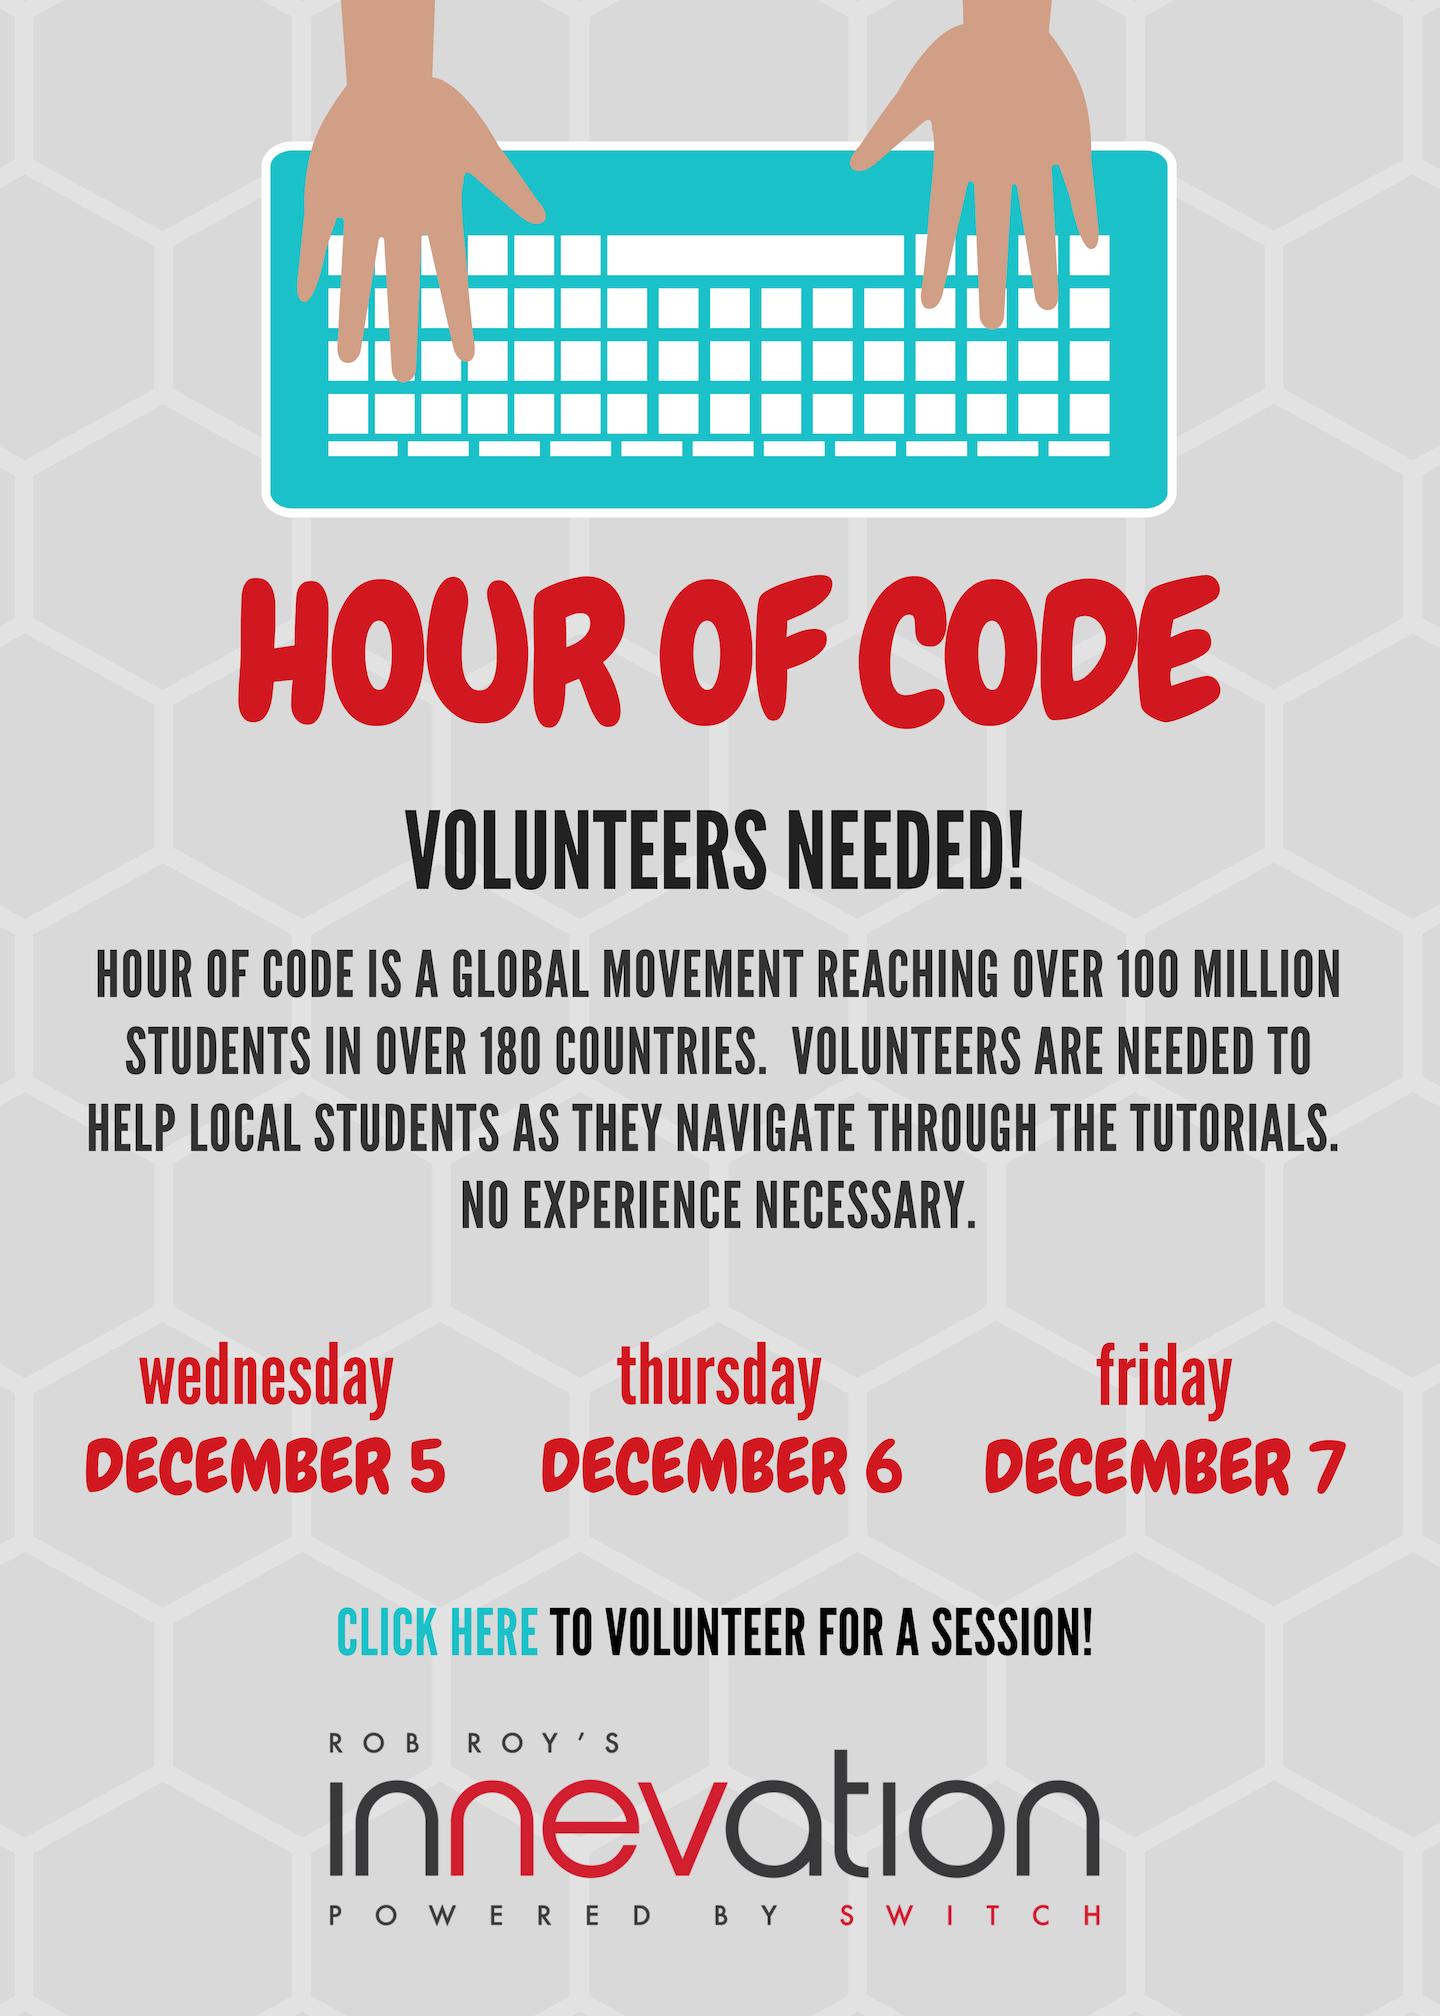 Volunteers Needed for Hour of Code Next Week! - Innevation